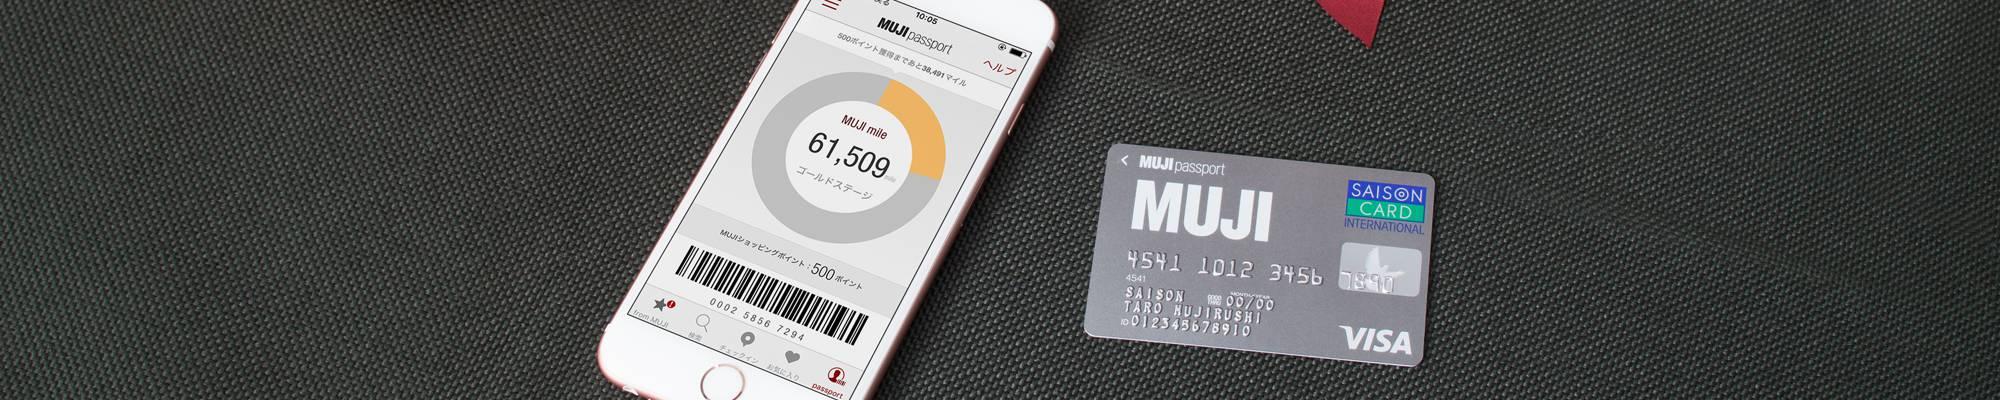 どこの無印良品でも使えるギフトカードはプリペイド式でチャージをすることで使えるMUJI GIFT  CARDが用意されています(実質電子マネー)。500円から50,000円までの ...